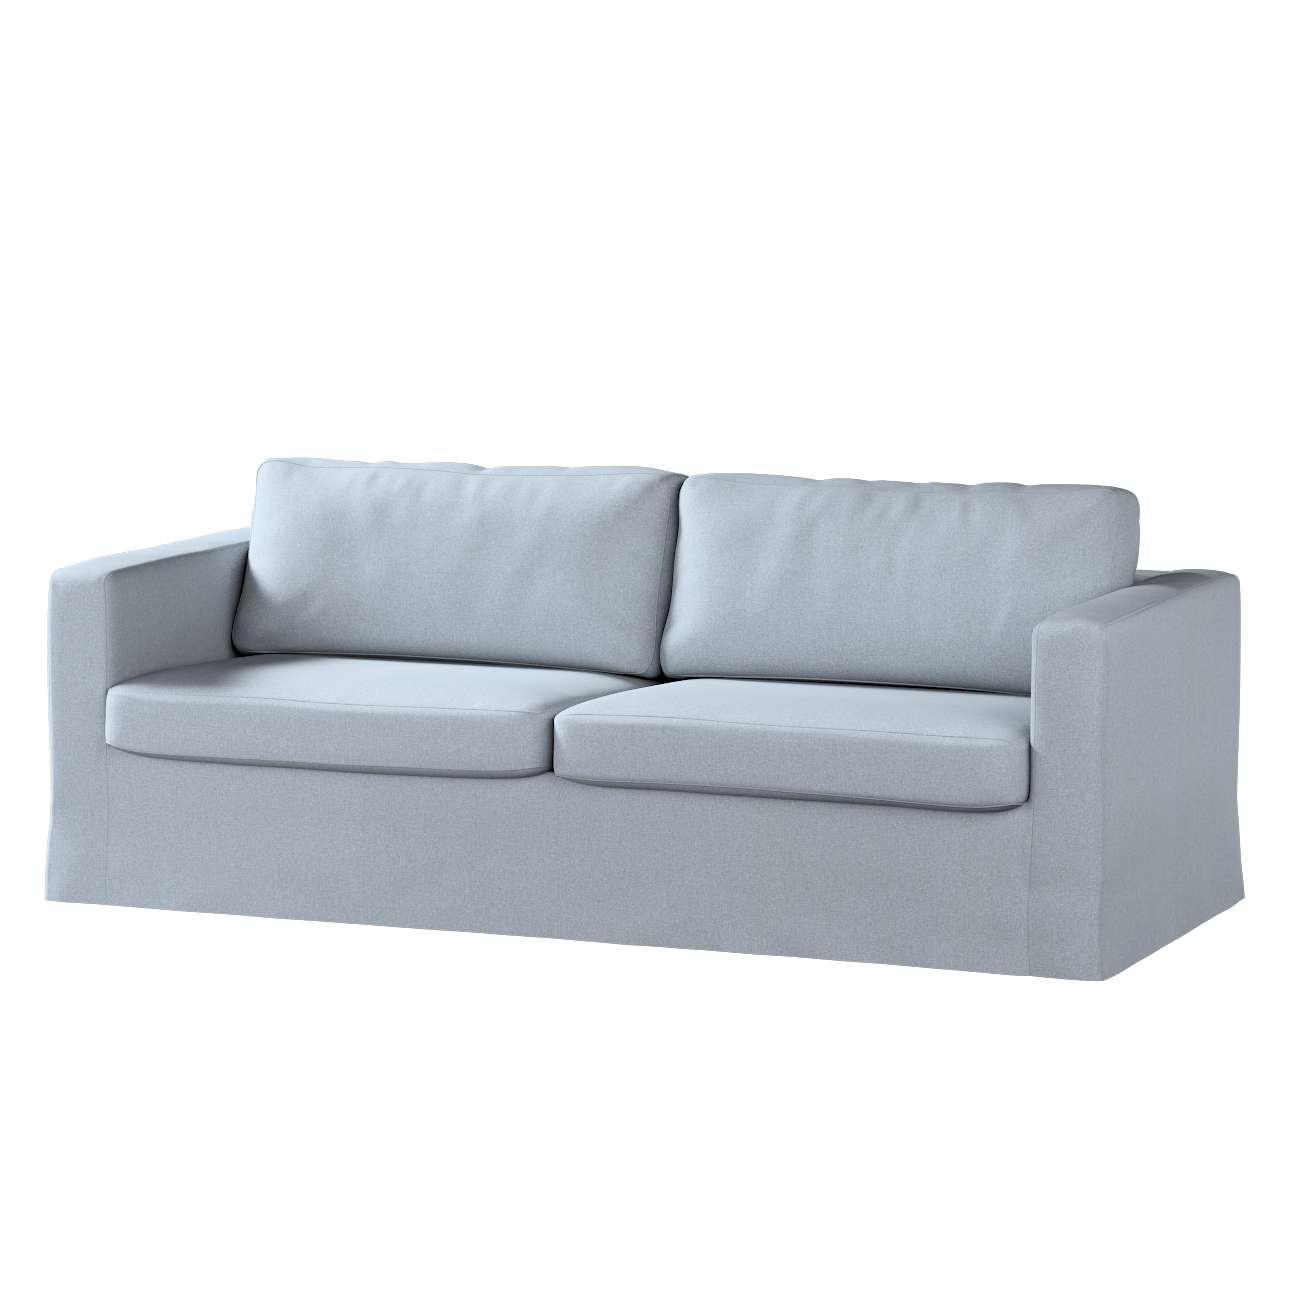 Potah na pohovku IKEA  Karlstad 3-místná, nerozkládací, dlouhý v kolekci Amsterdam, látka: 704-46